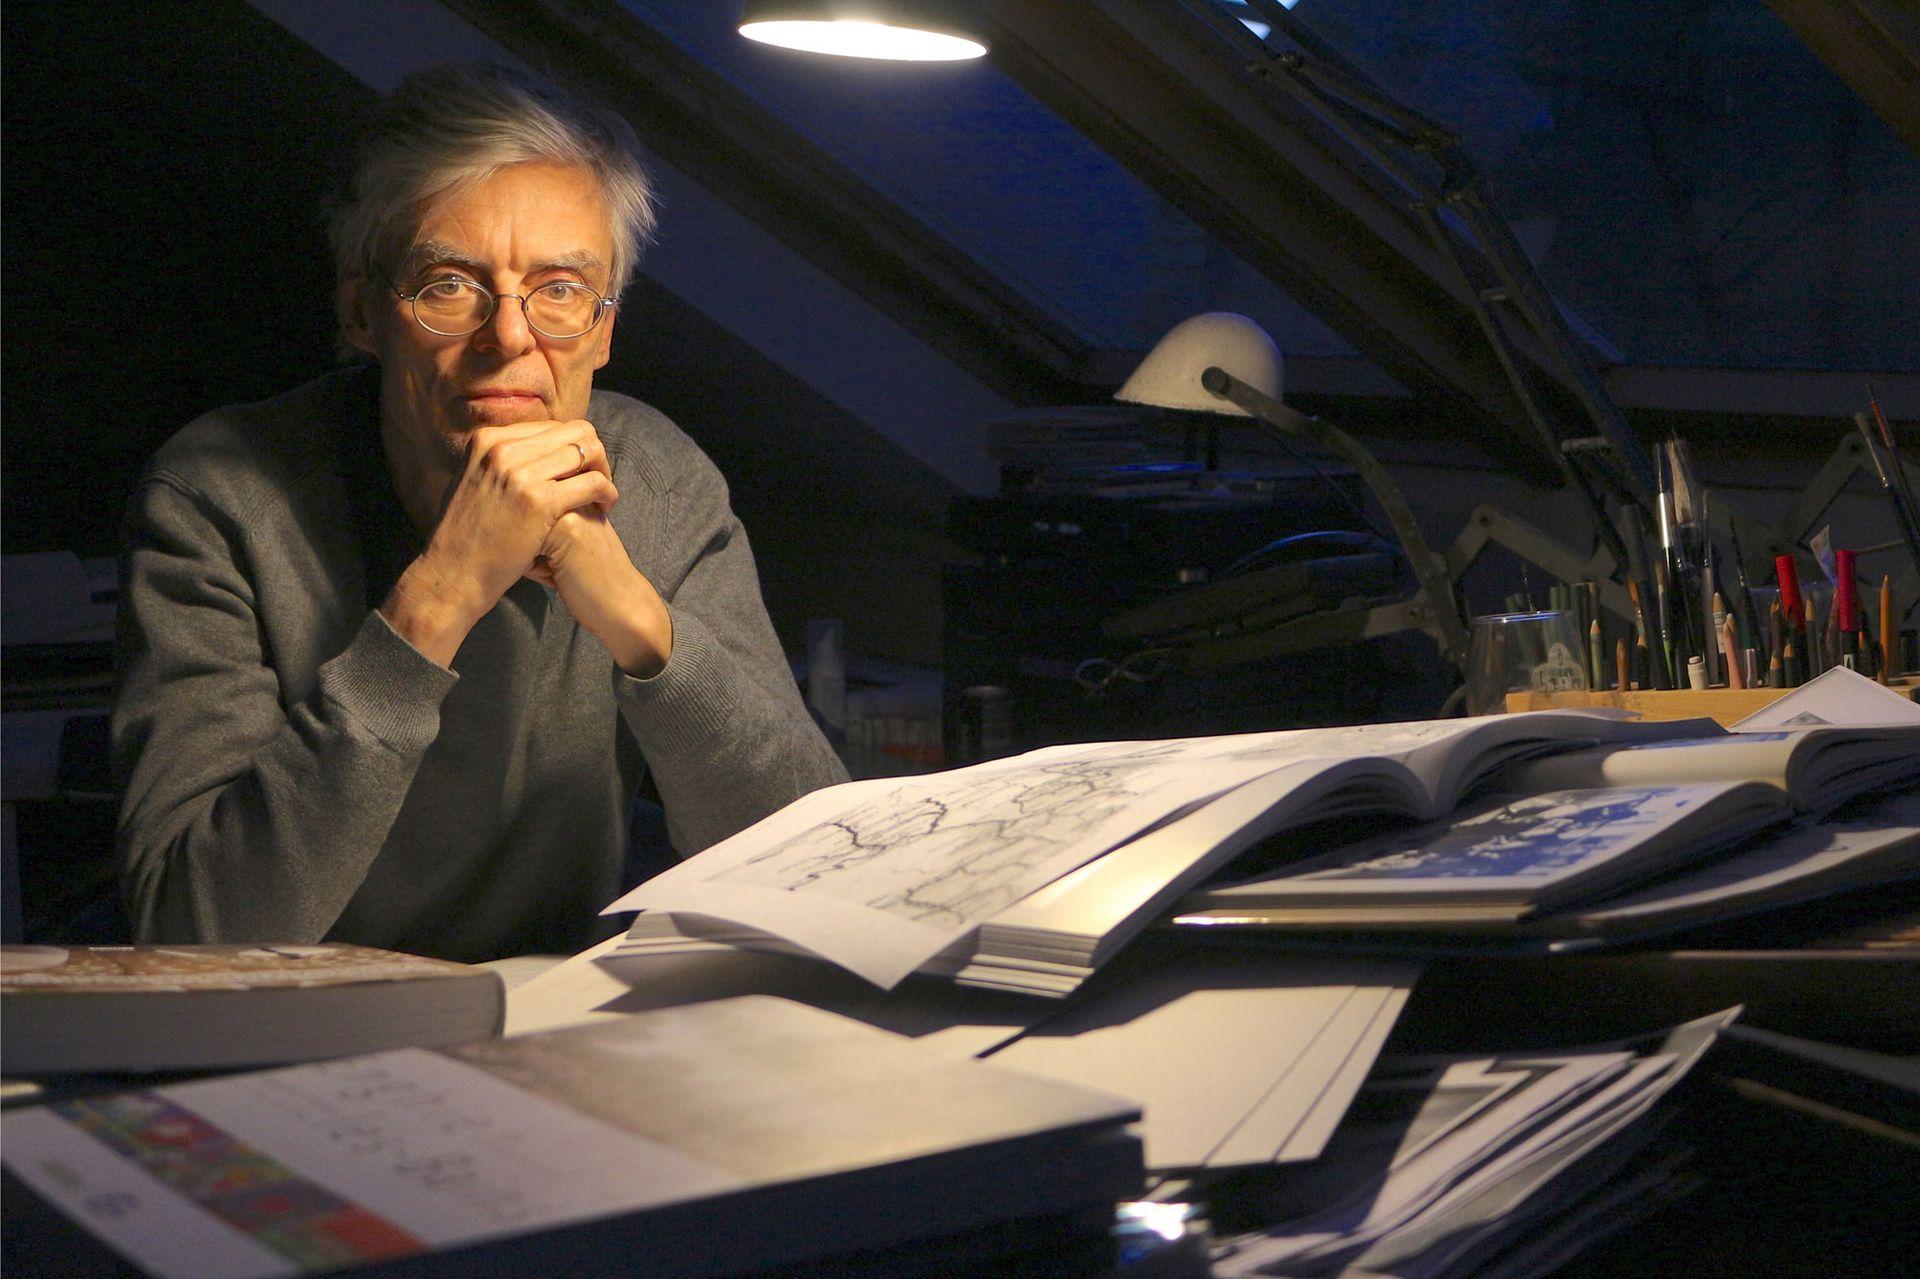 François Schuiten by Charles Sigel - RTS